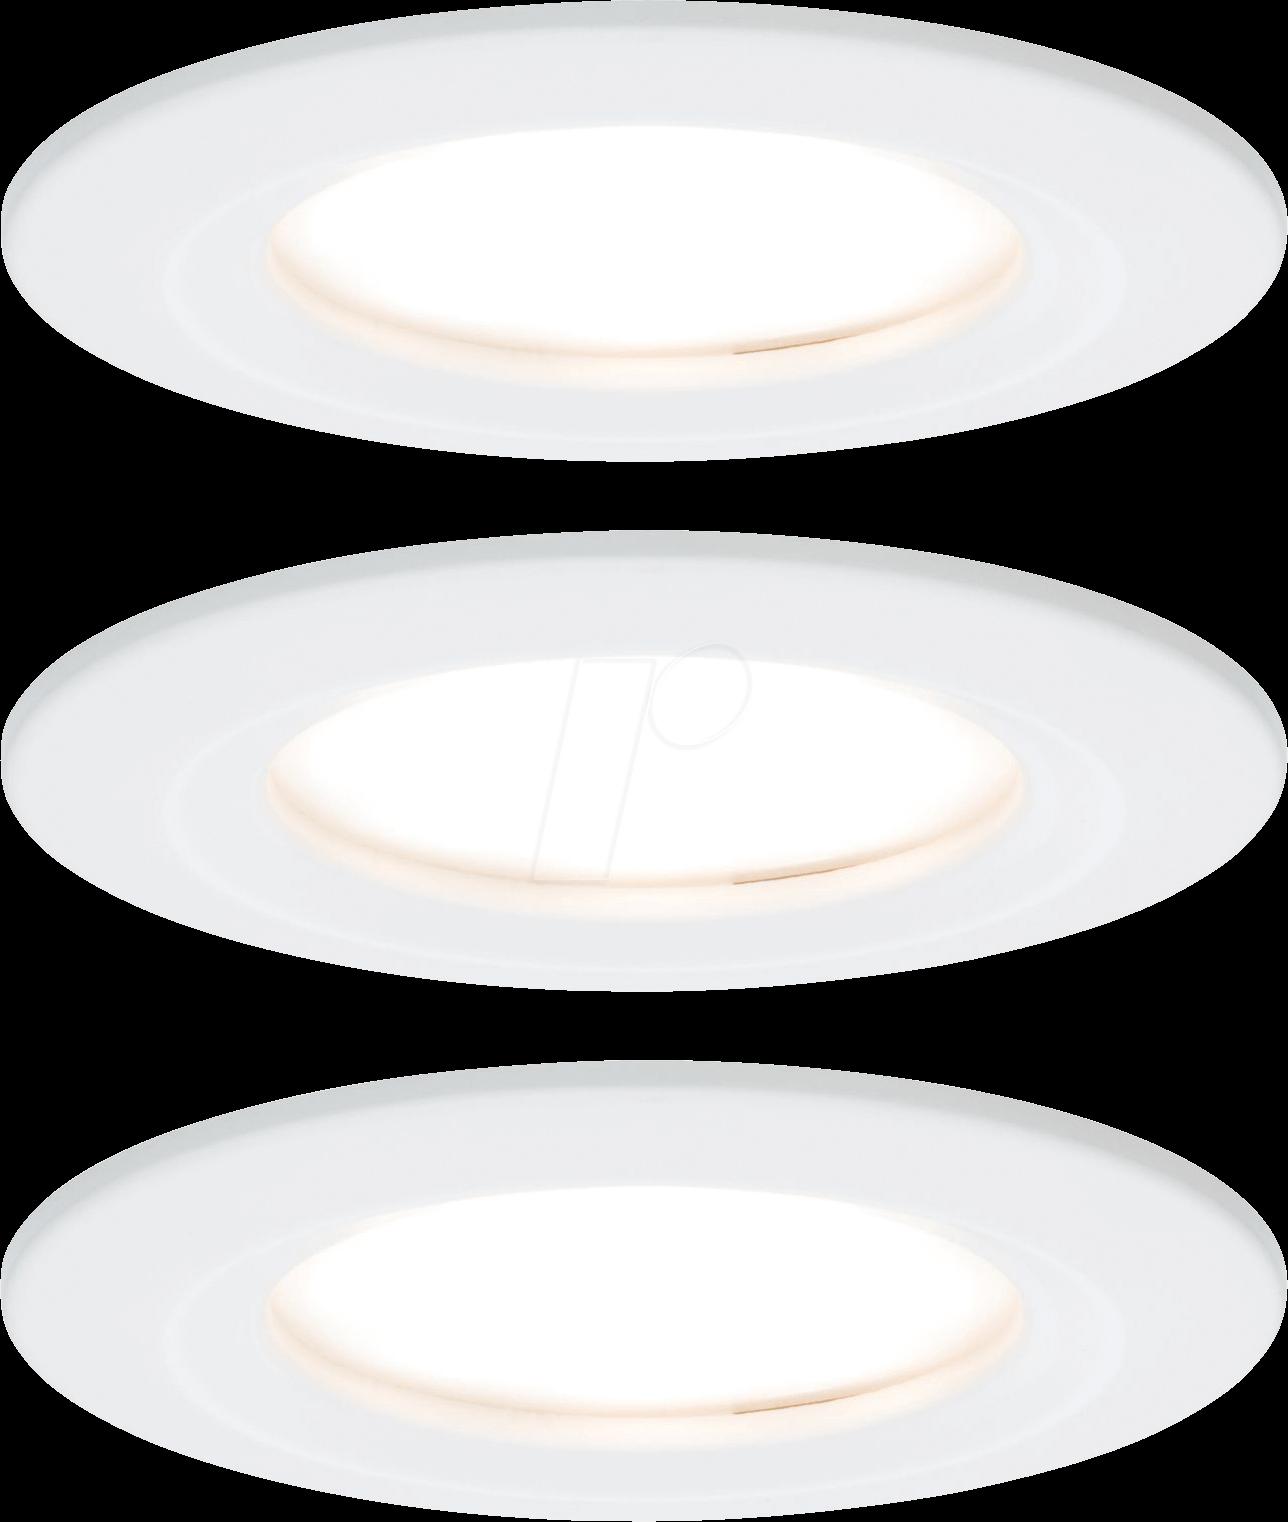 Paulmann 93496 Einbauleuchte LED Coin Nova rund 6,5W